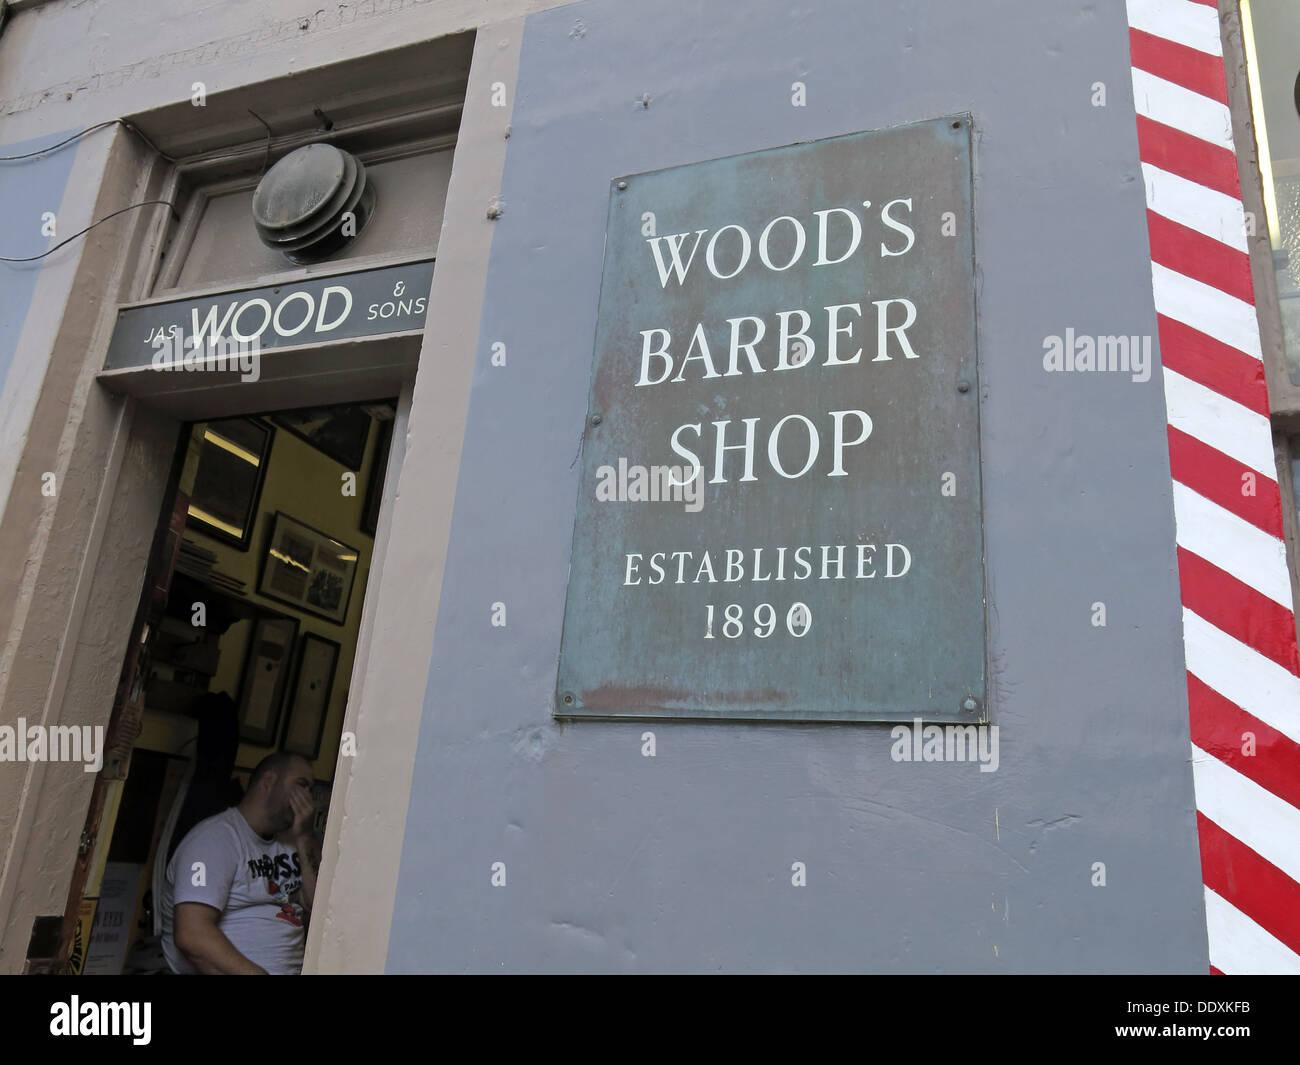 Laden Sie dieses Alamy Stockfoto Woods Barber Shop, Drummond St, Edinburgh, Scotland, UK - DDXKFB